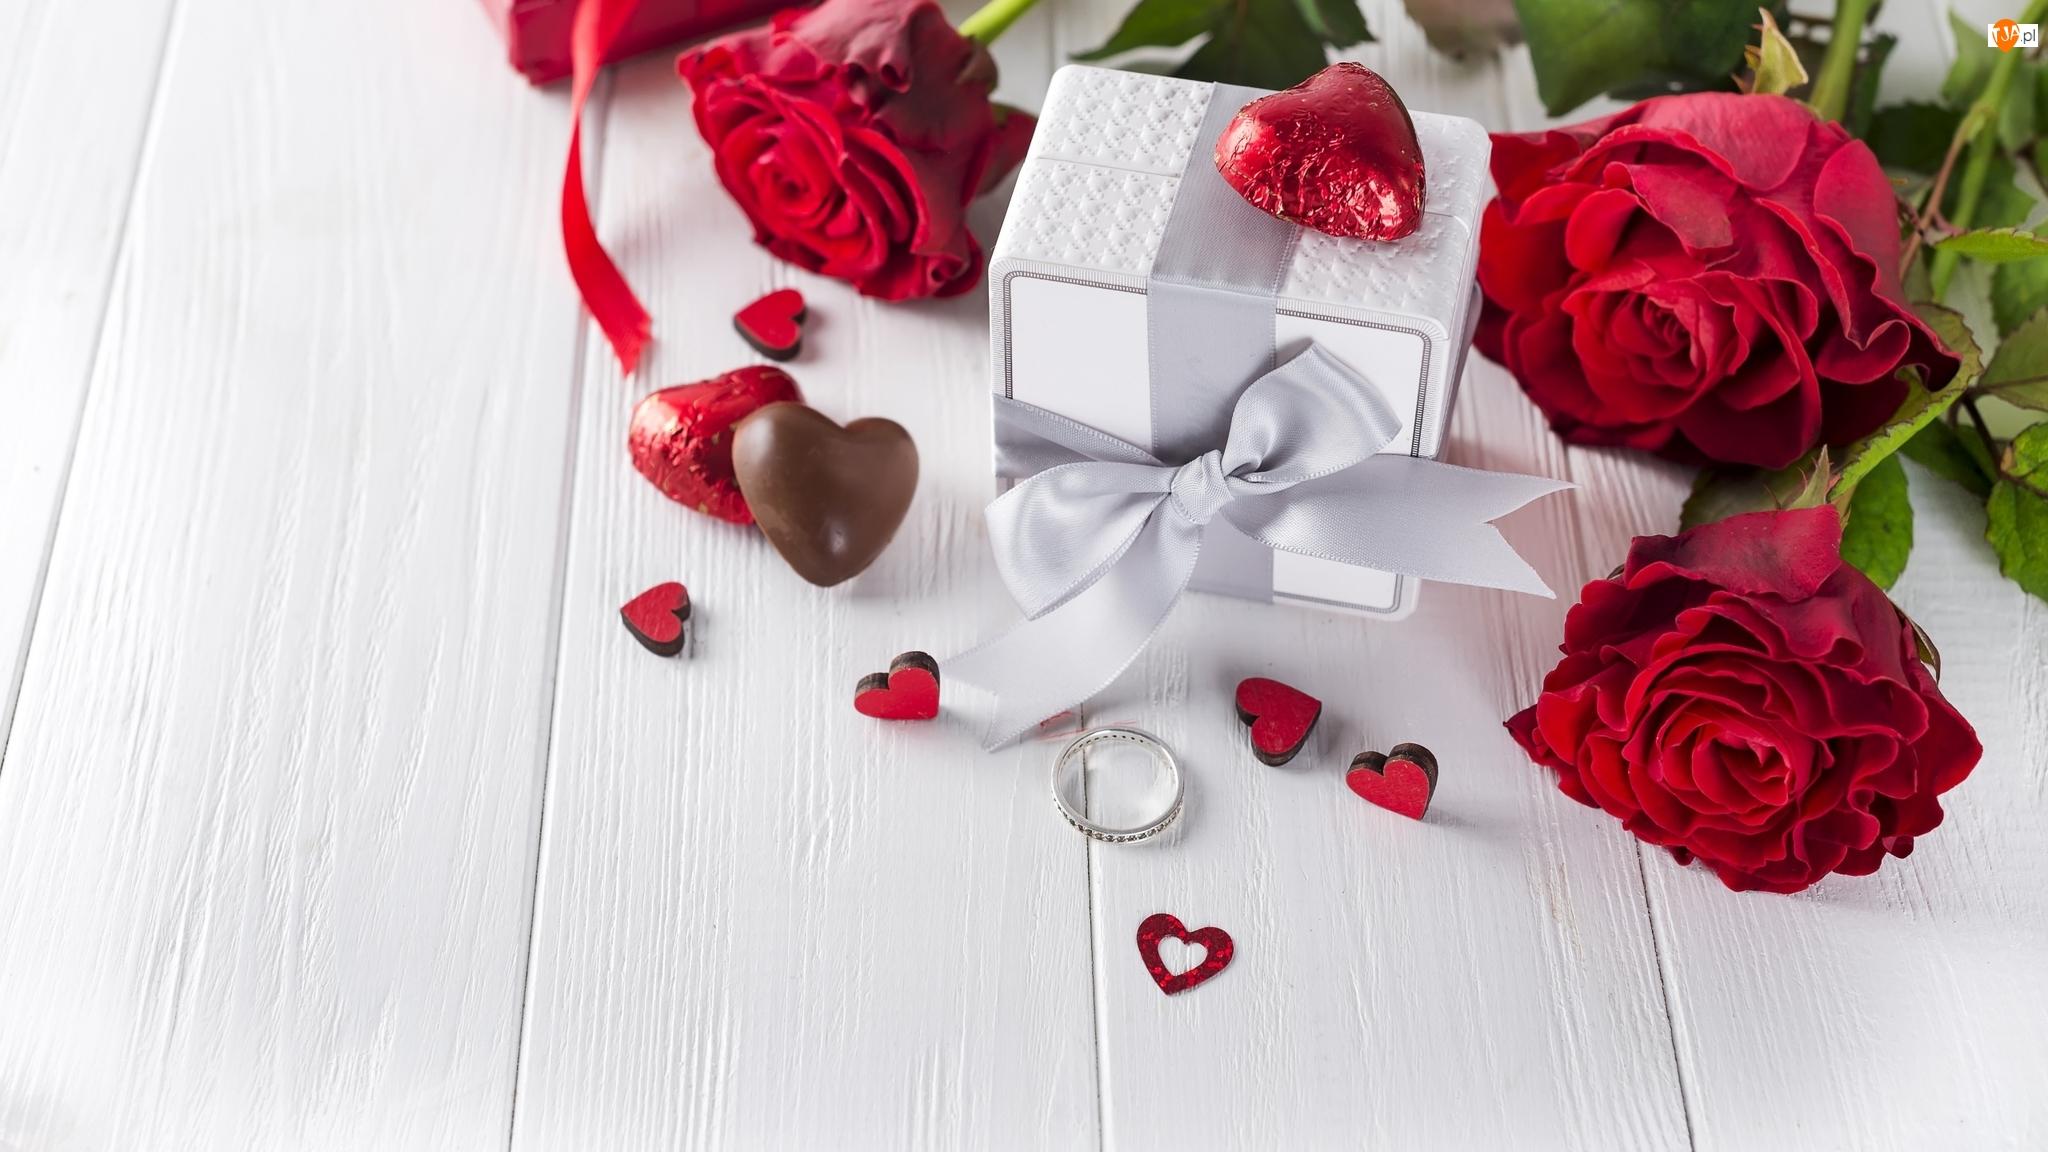 Róże, Prezent, Serduszka, Walentynki, Czekoladki, Pierścionek